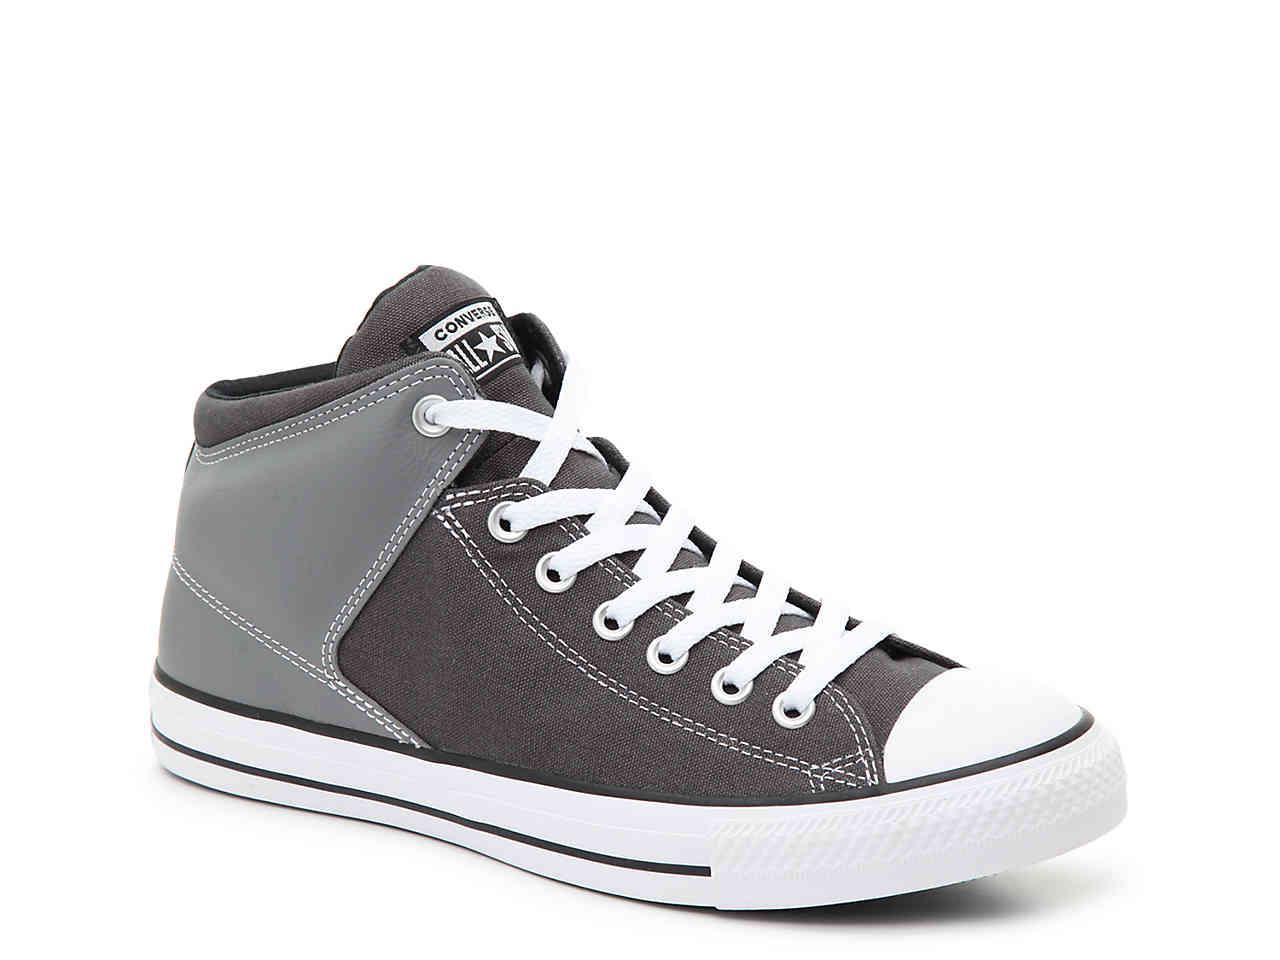 e8b25d89d7bebf Converse - Gray Chuck Taylor All Star High Street High-top Sneaker - Lyst.  View fullscreen